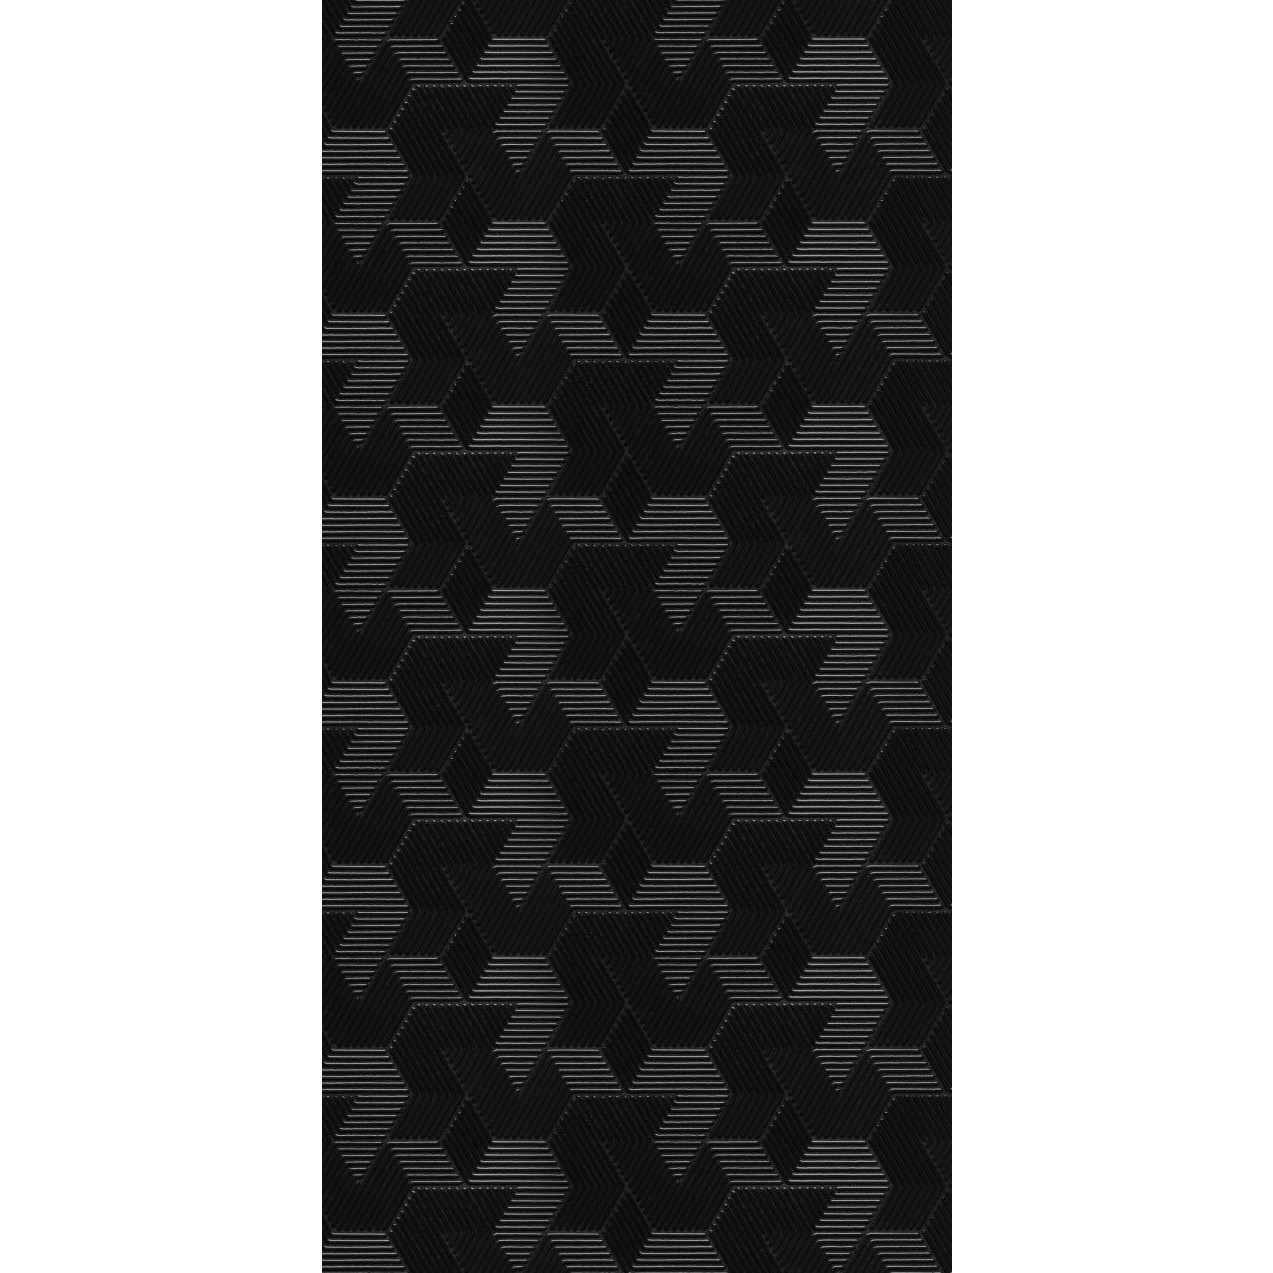 Revestimento Escaleno Gloss Brilhante 45x90cm Preto - Eliane